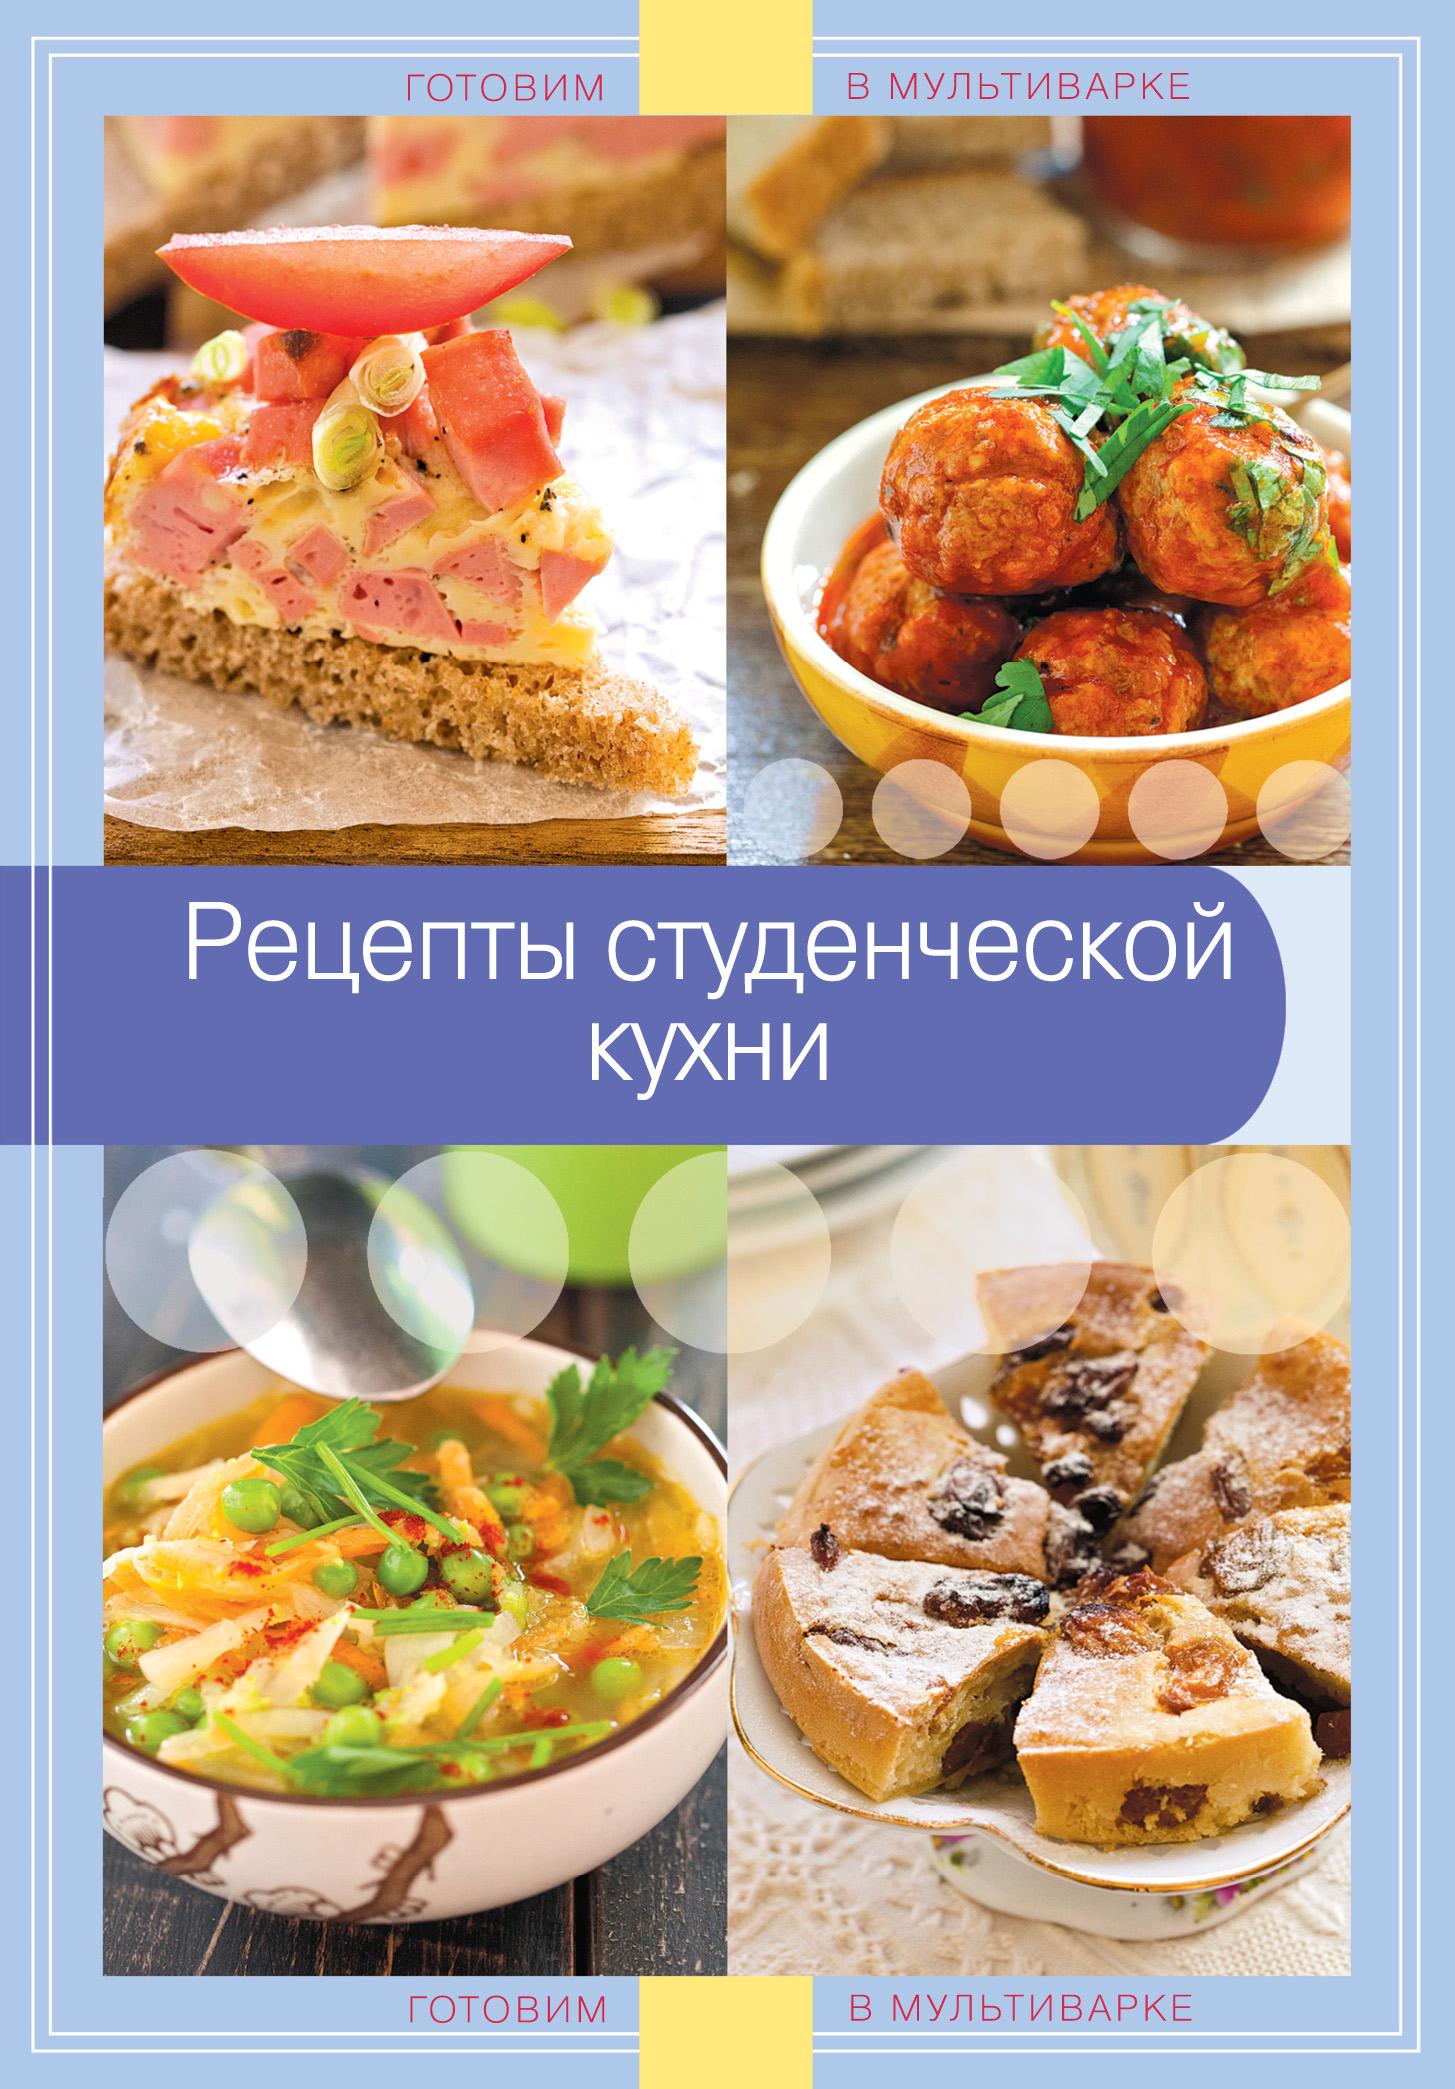 Рецепты студенческой кухни